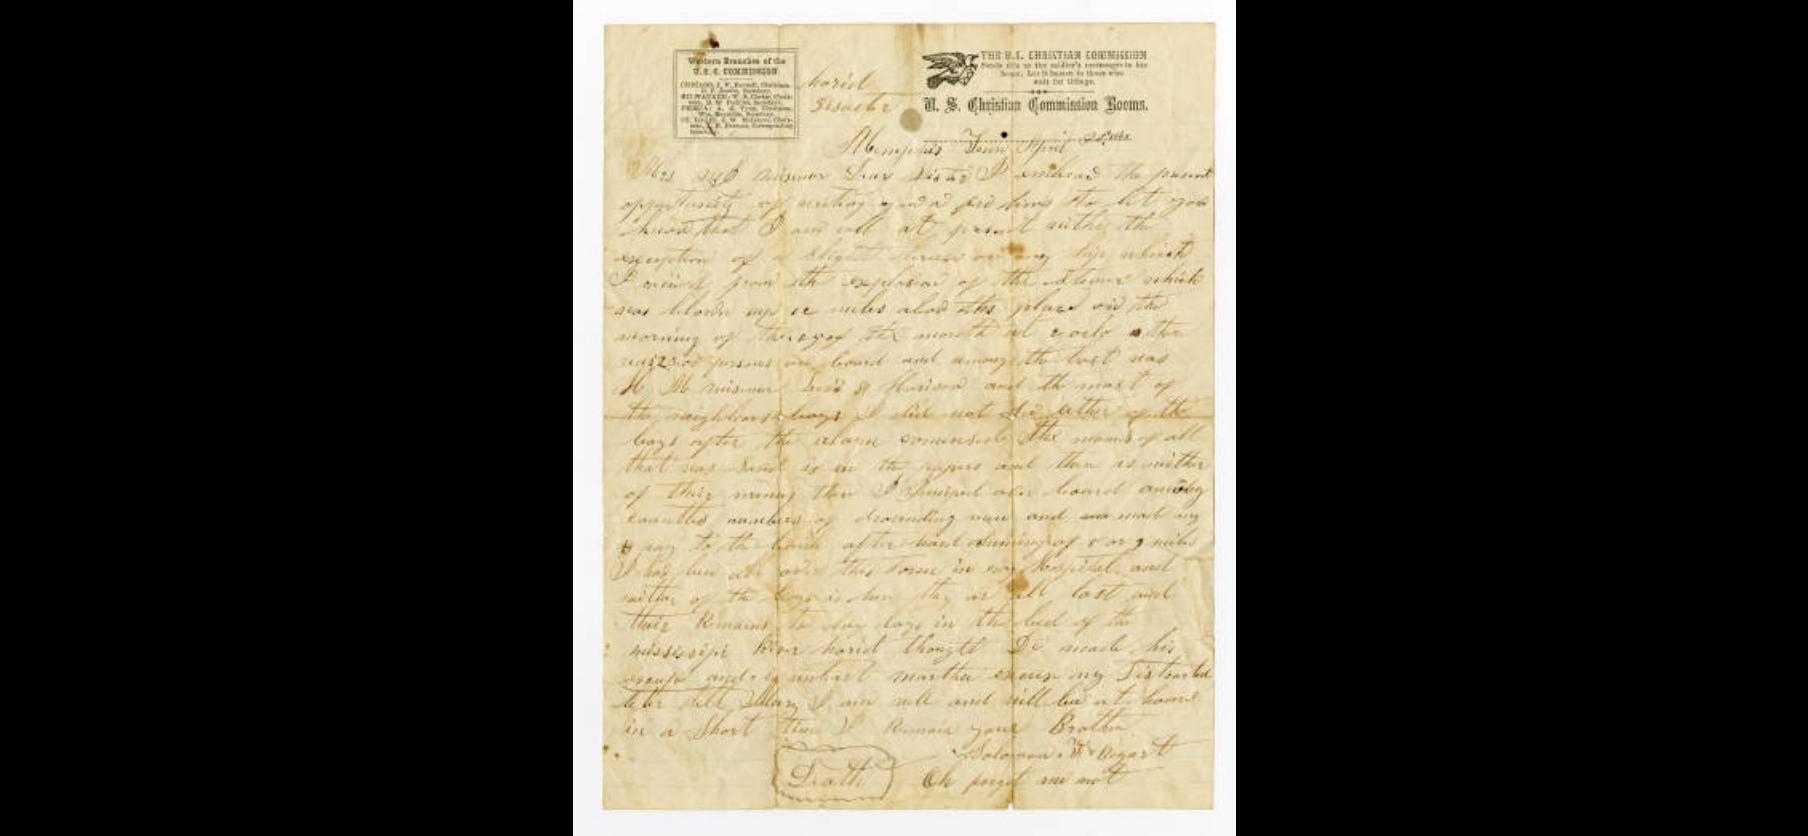 Sultana Disaster Letter